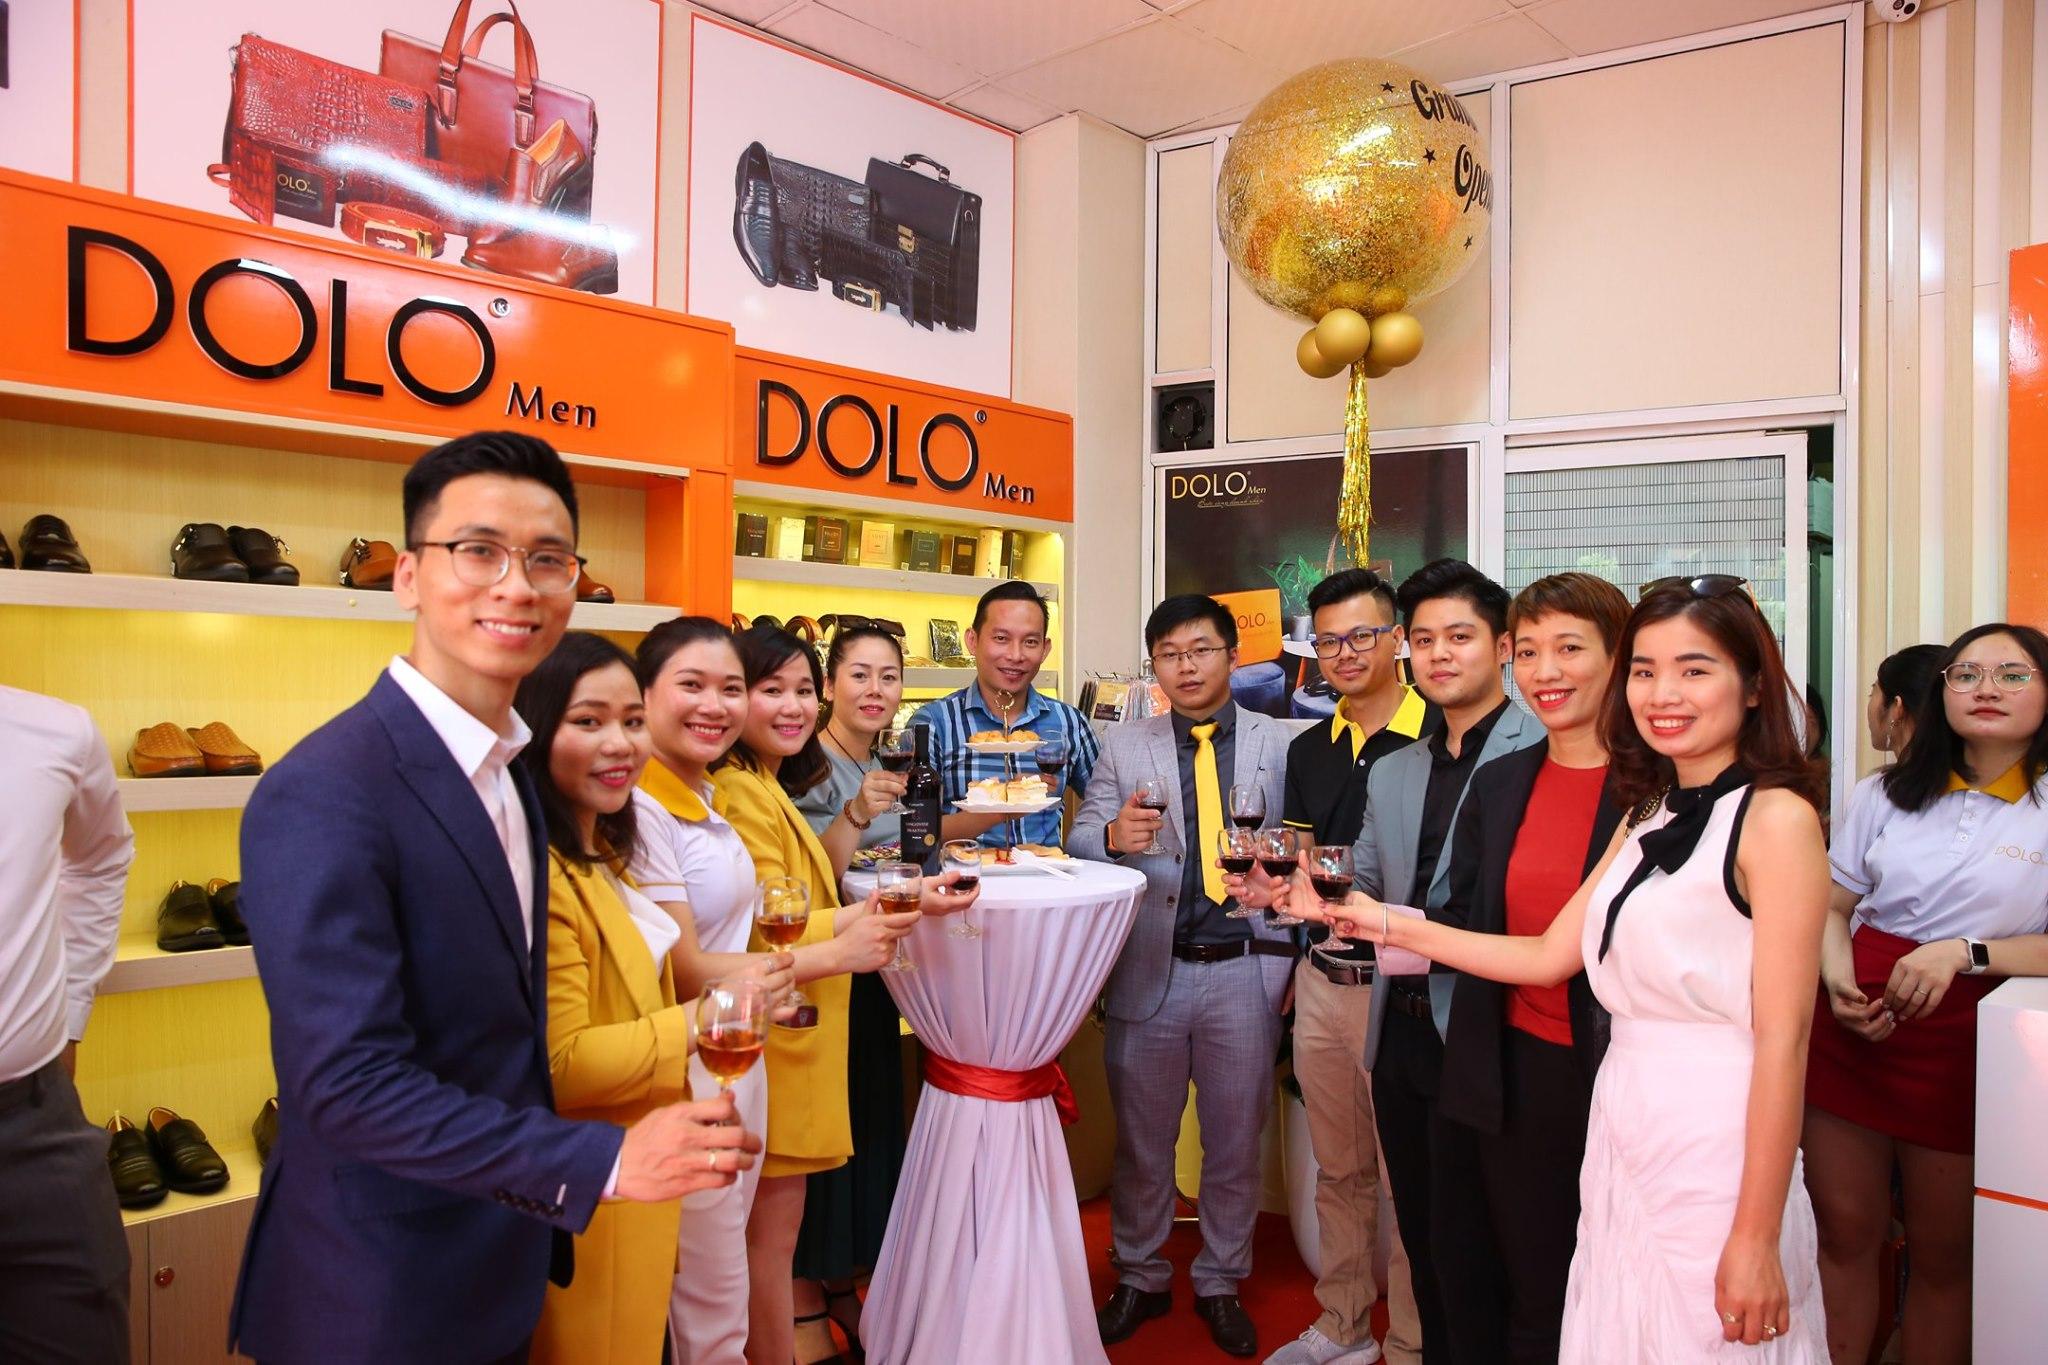 Thương hiệu thời trang DoloMen tưng bừng khai trương chi nhánh mới tại TP. Hồ Chí Minh